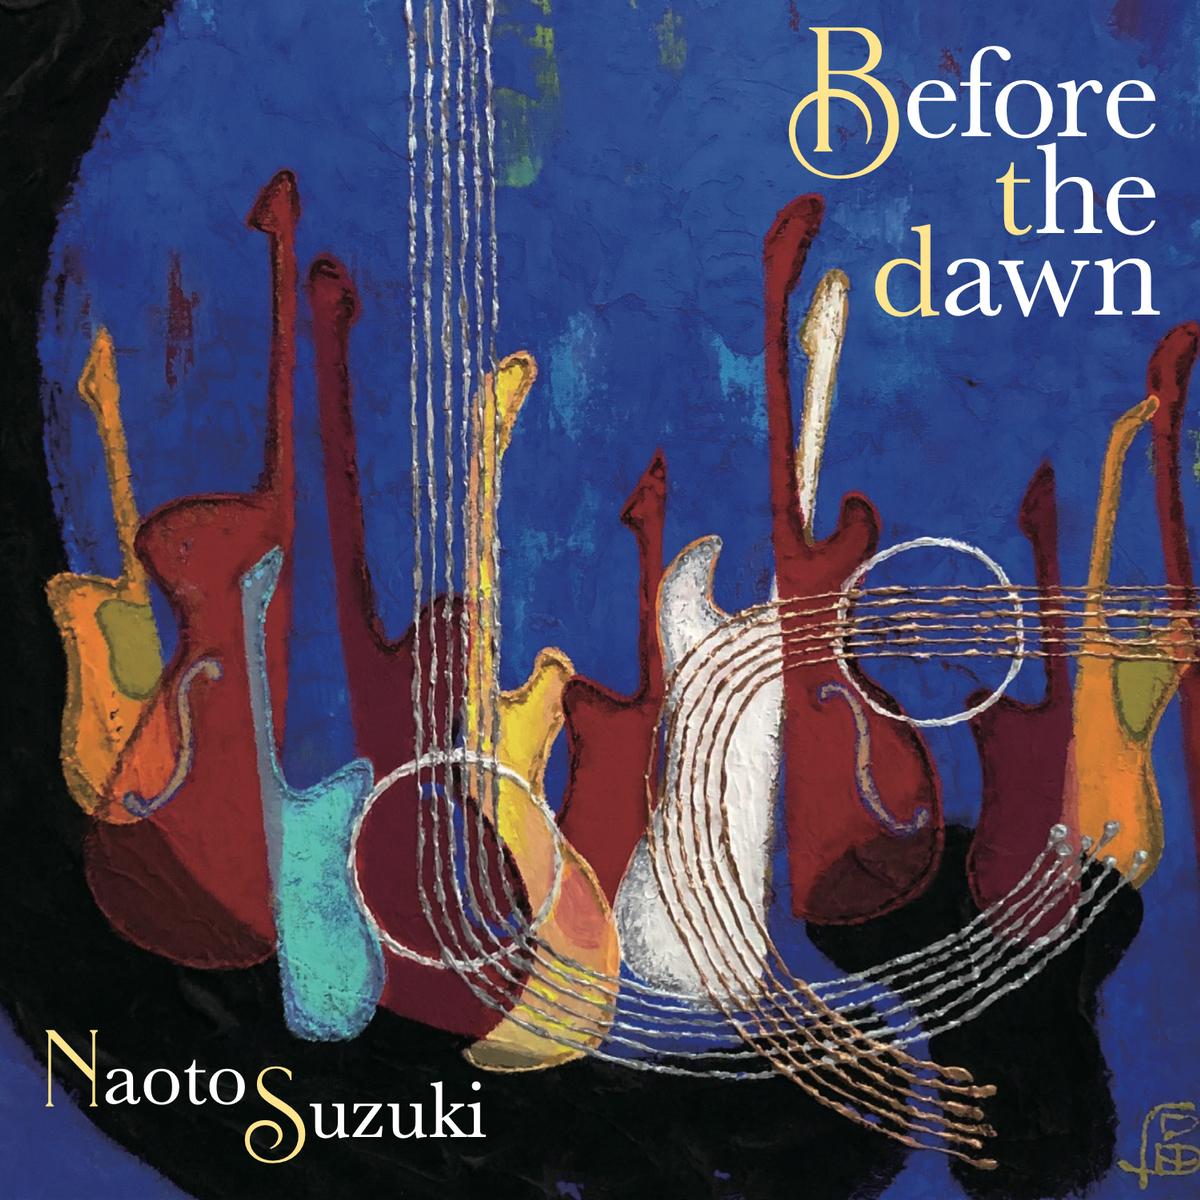 鈴木直人「Before the dawn」全国リリース!